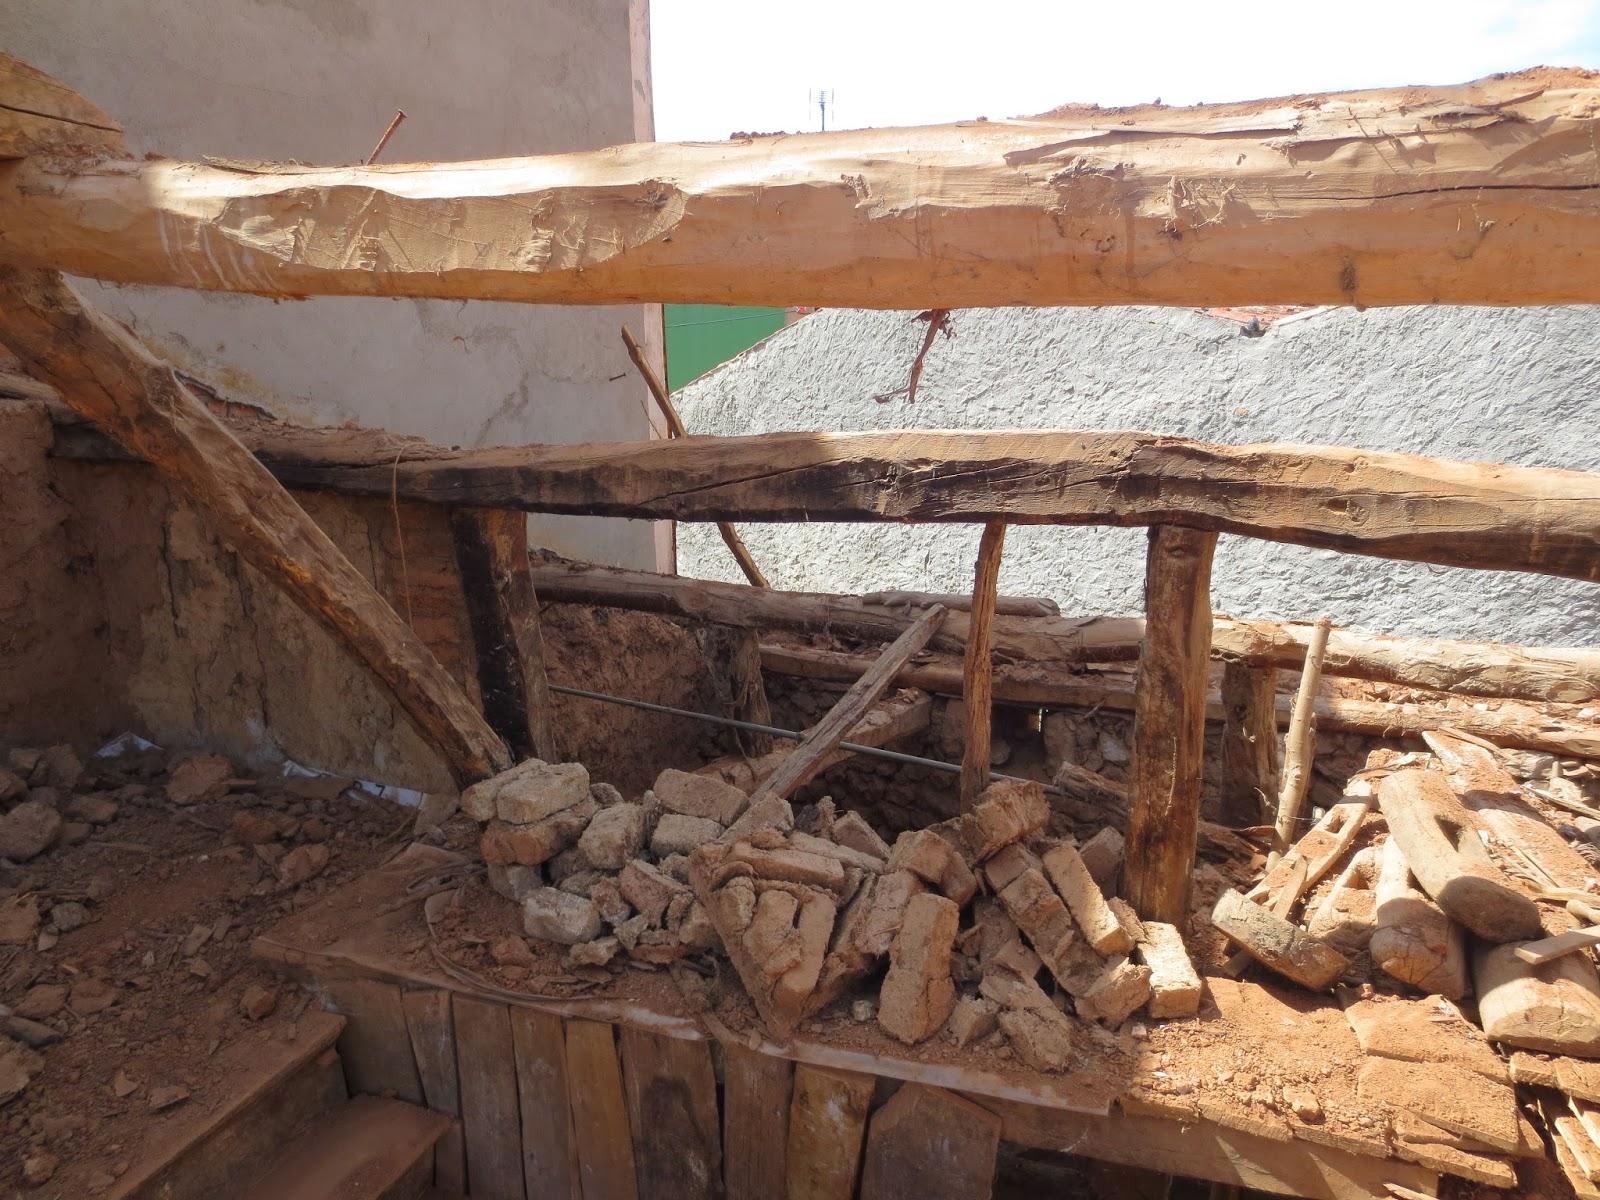 El talon sierte construcci n en segovia restauraci n y - Restaurar casas antiguas ...